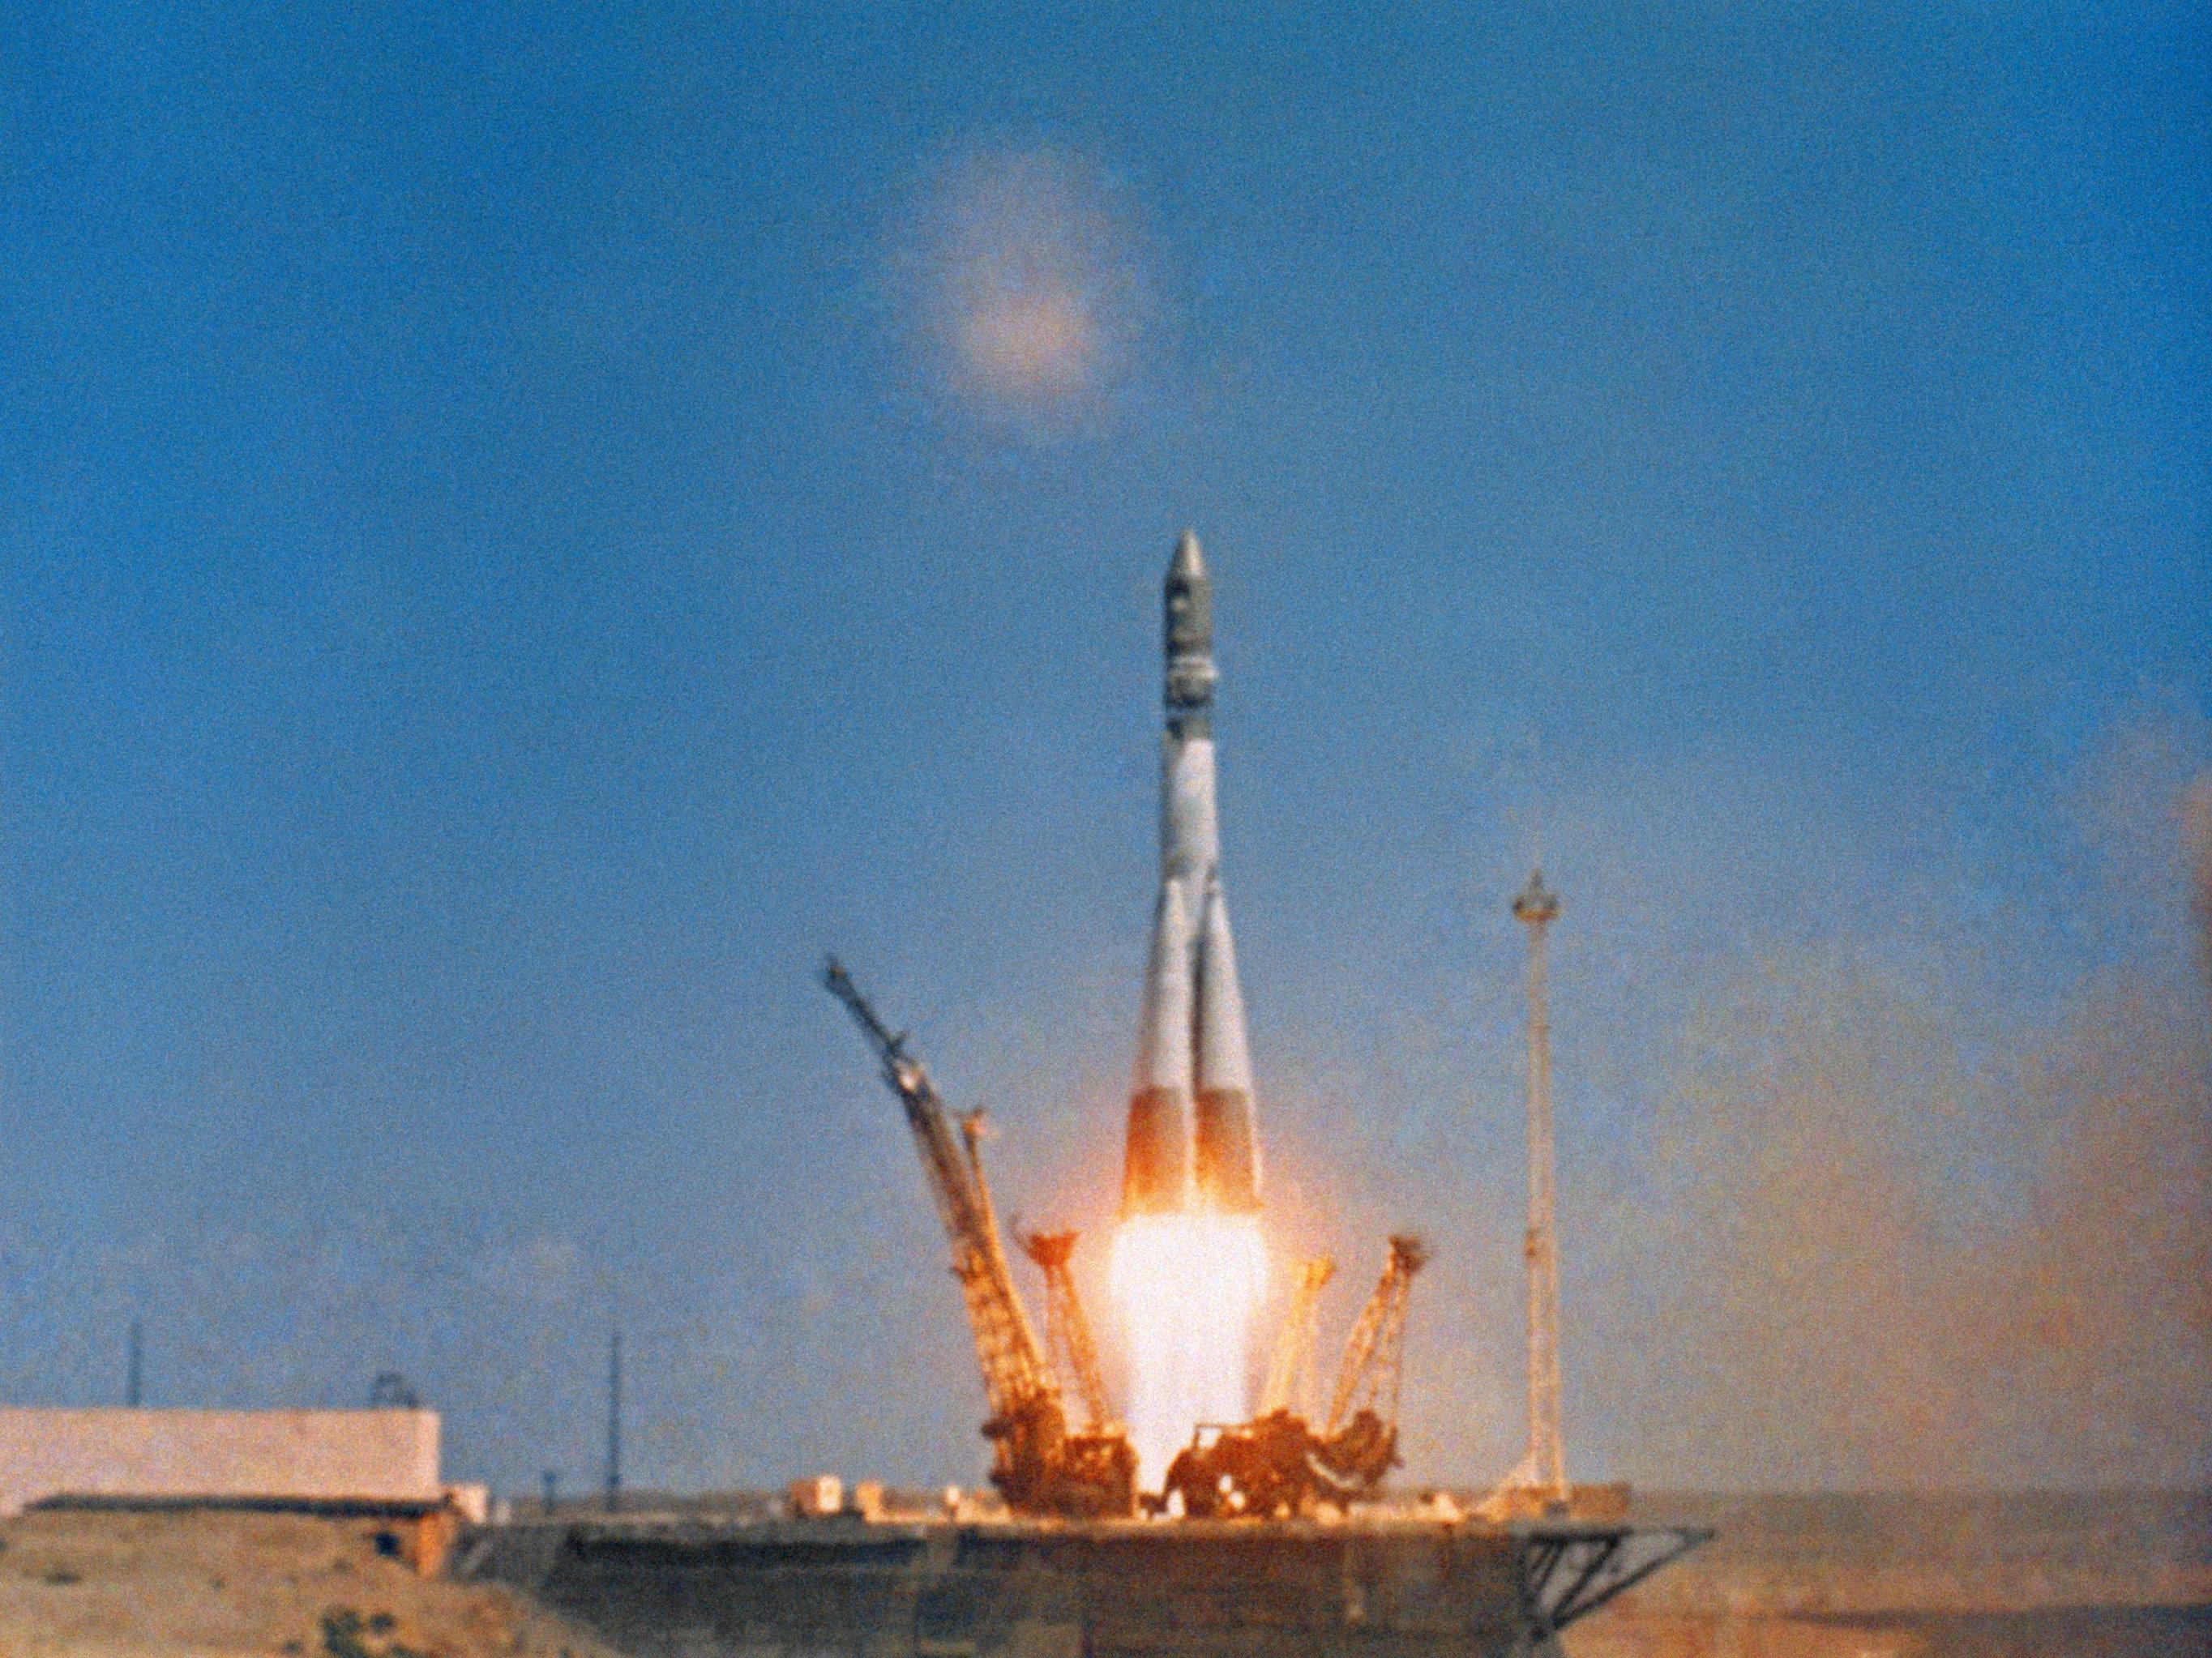 El lanzamiento de la nave espacial Vostok-1